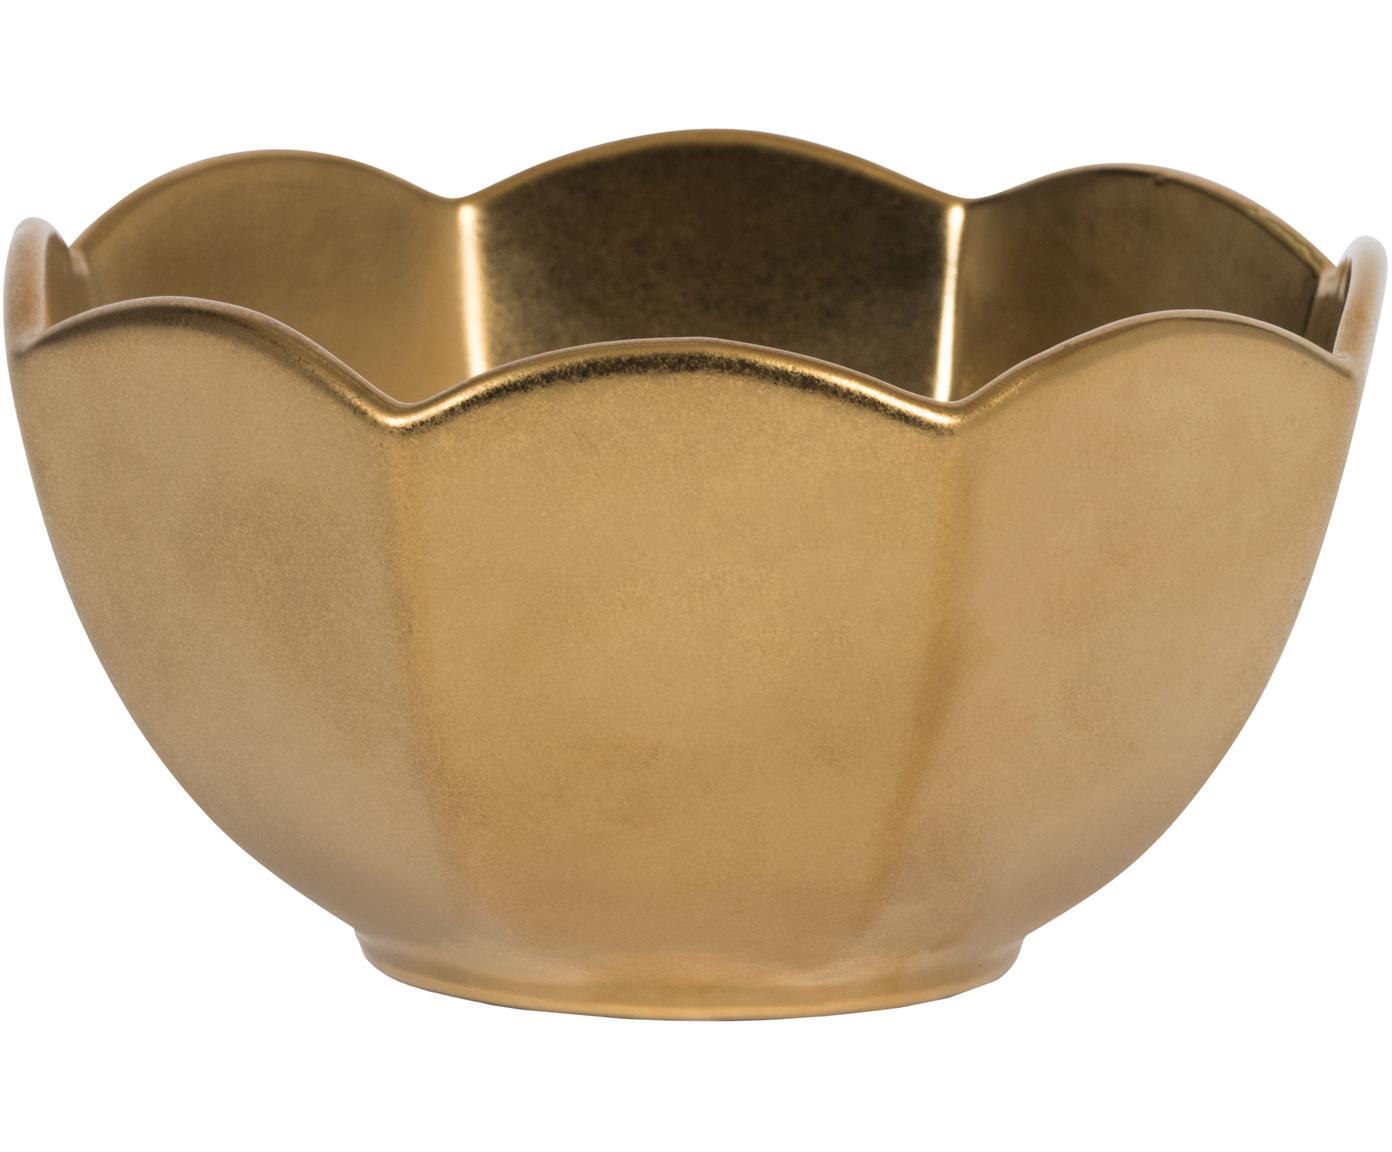 Miseczka Ghabi, Kamionka, Odcienie złotego, Ø 13 x W 8 cm